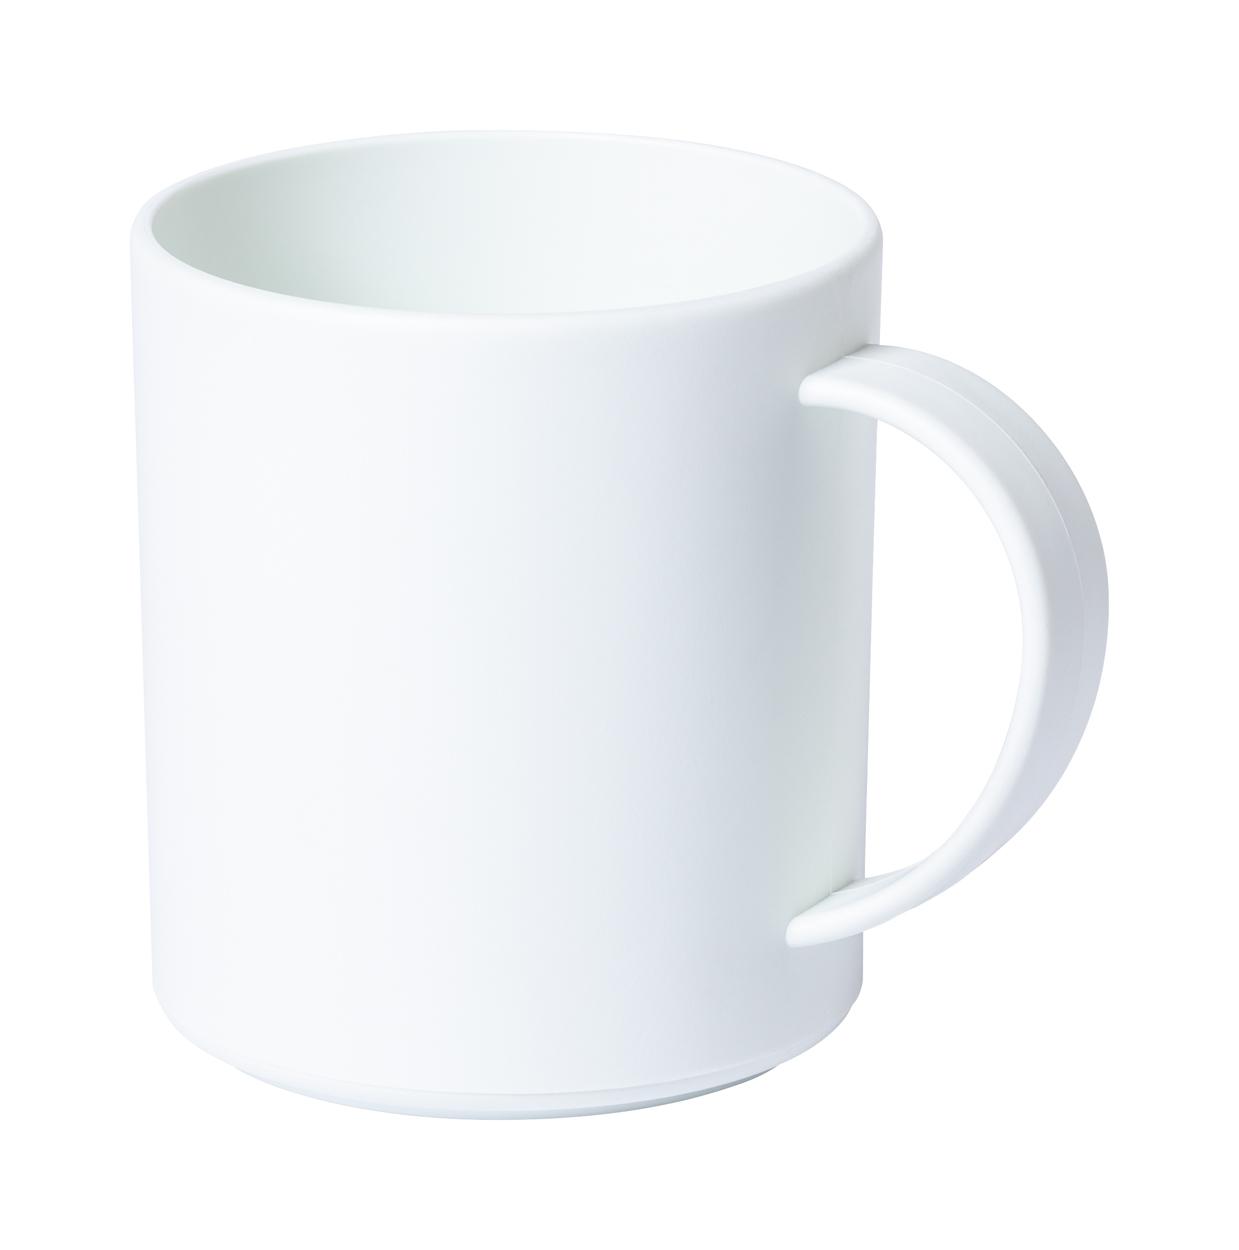 Pioka Mug